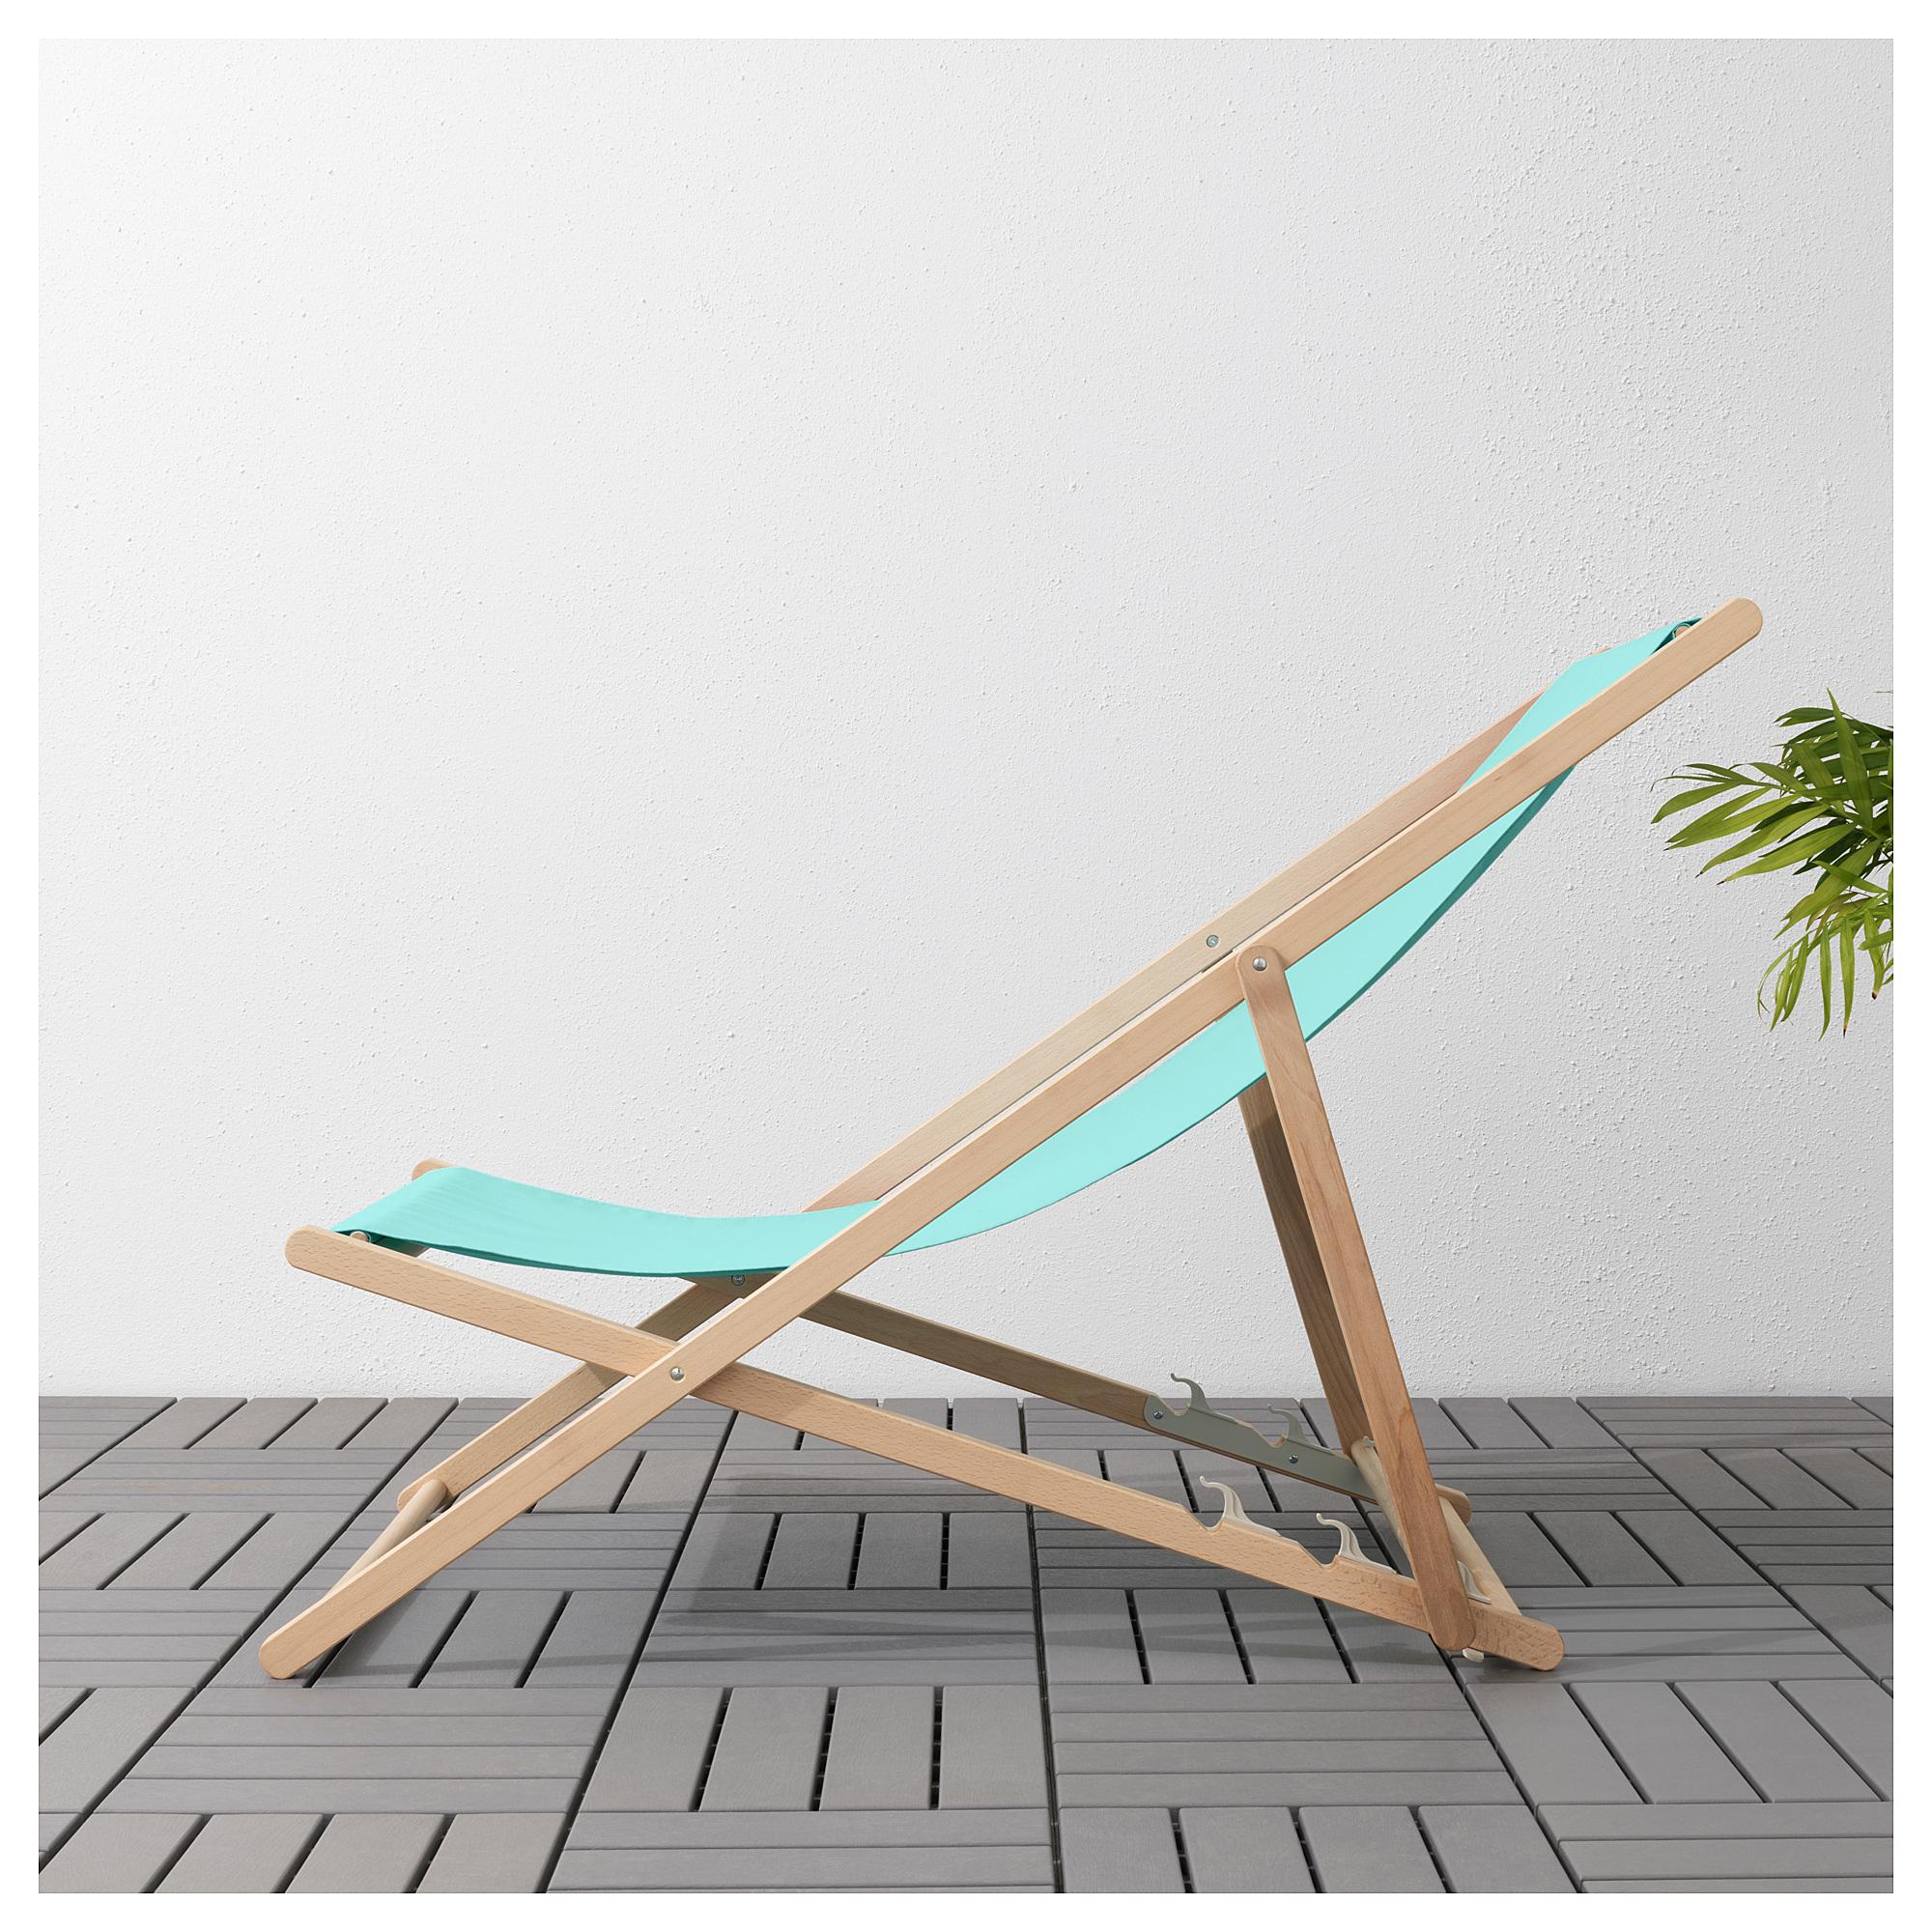 Пляжный стул МЮСИНГСО бирюзовый артикуль № 003.895.24 в наличии. Онлайн сайт ИКЕА Минск. Быстрая доставка и монтаж.